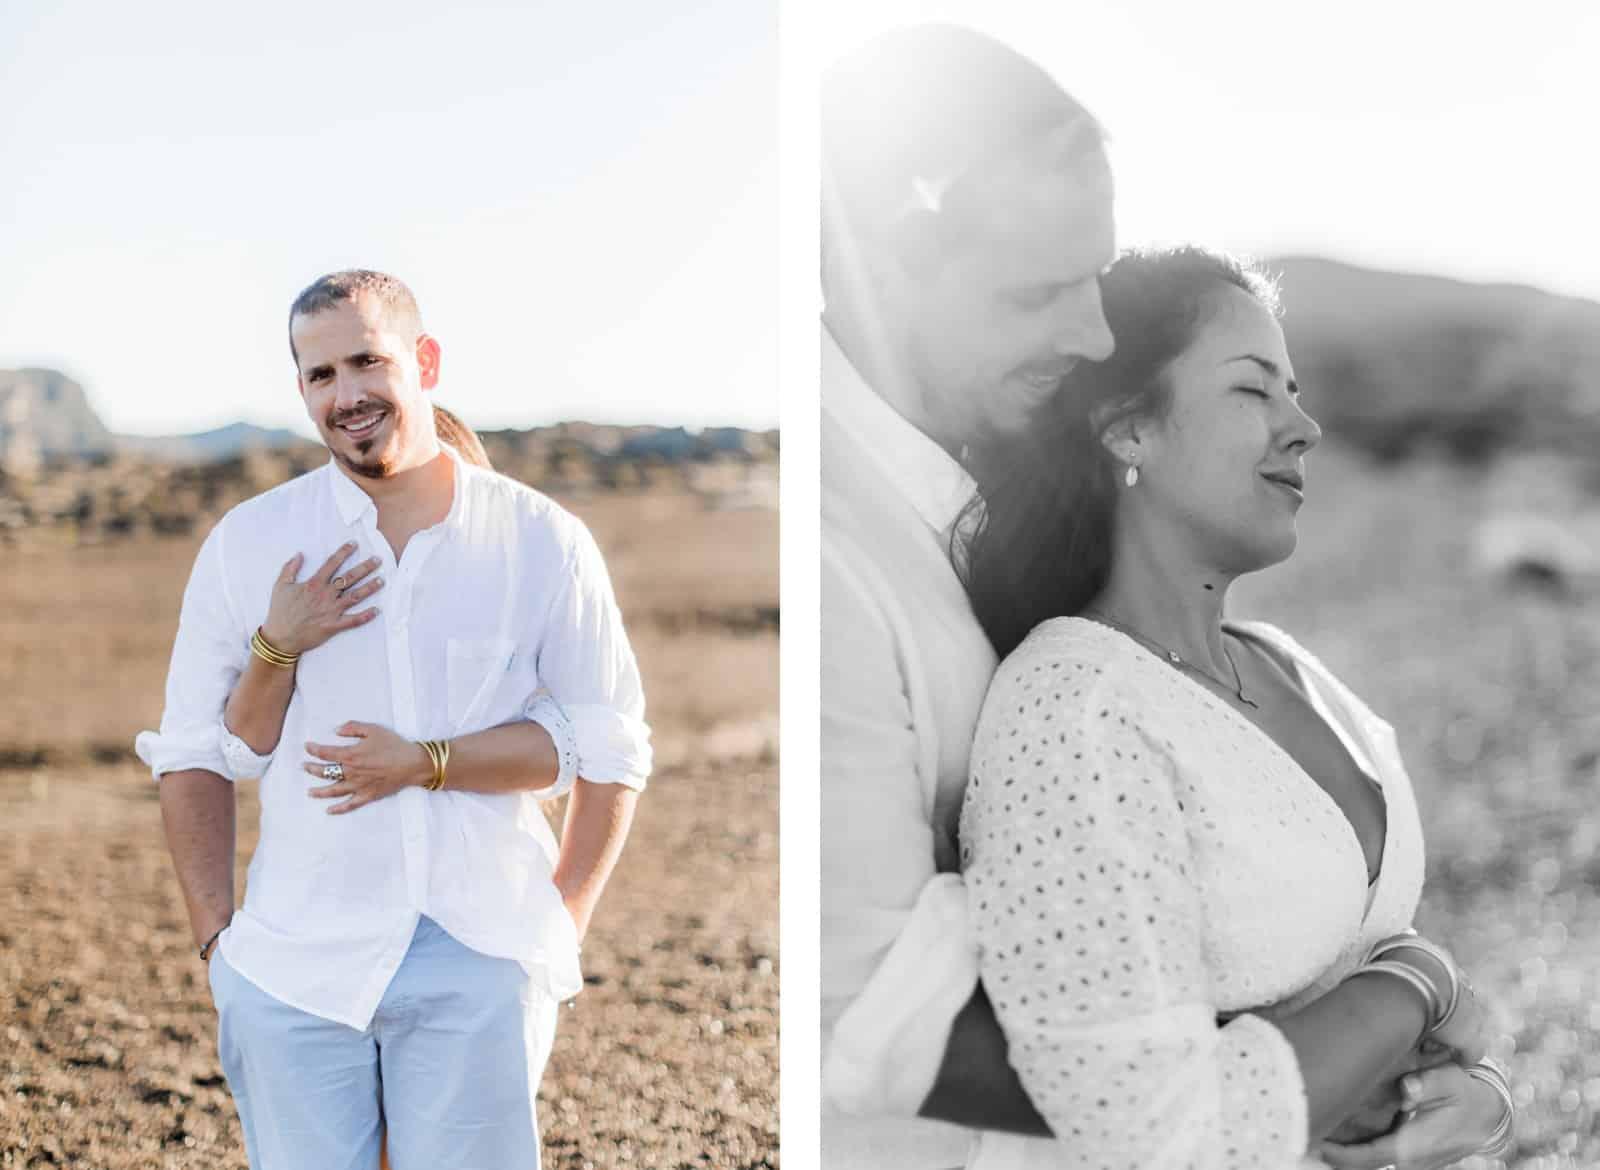 Photographie de Mathieu Dété, photographe de mariage et fiançailles à Saint-Denis de la Réunion 974, présentant un couple enlacé au lever du soleil